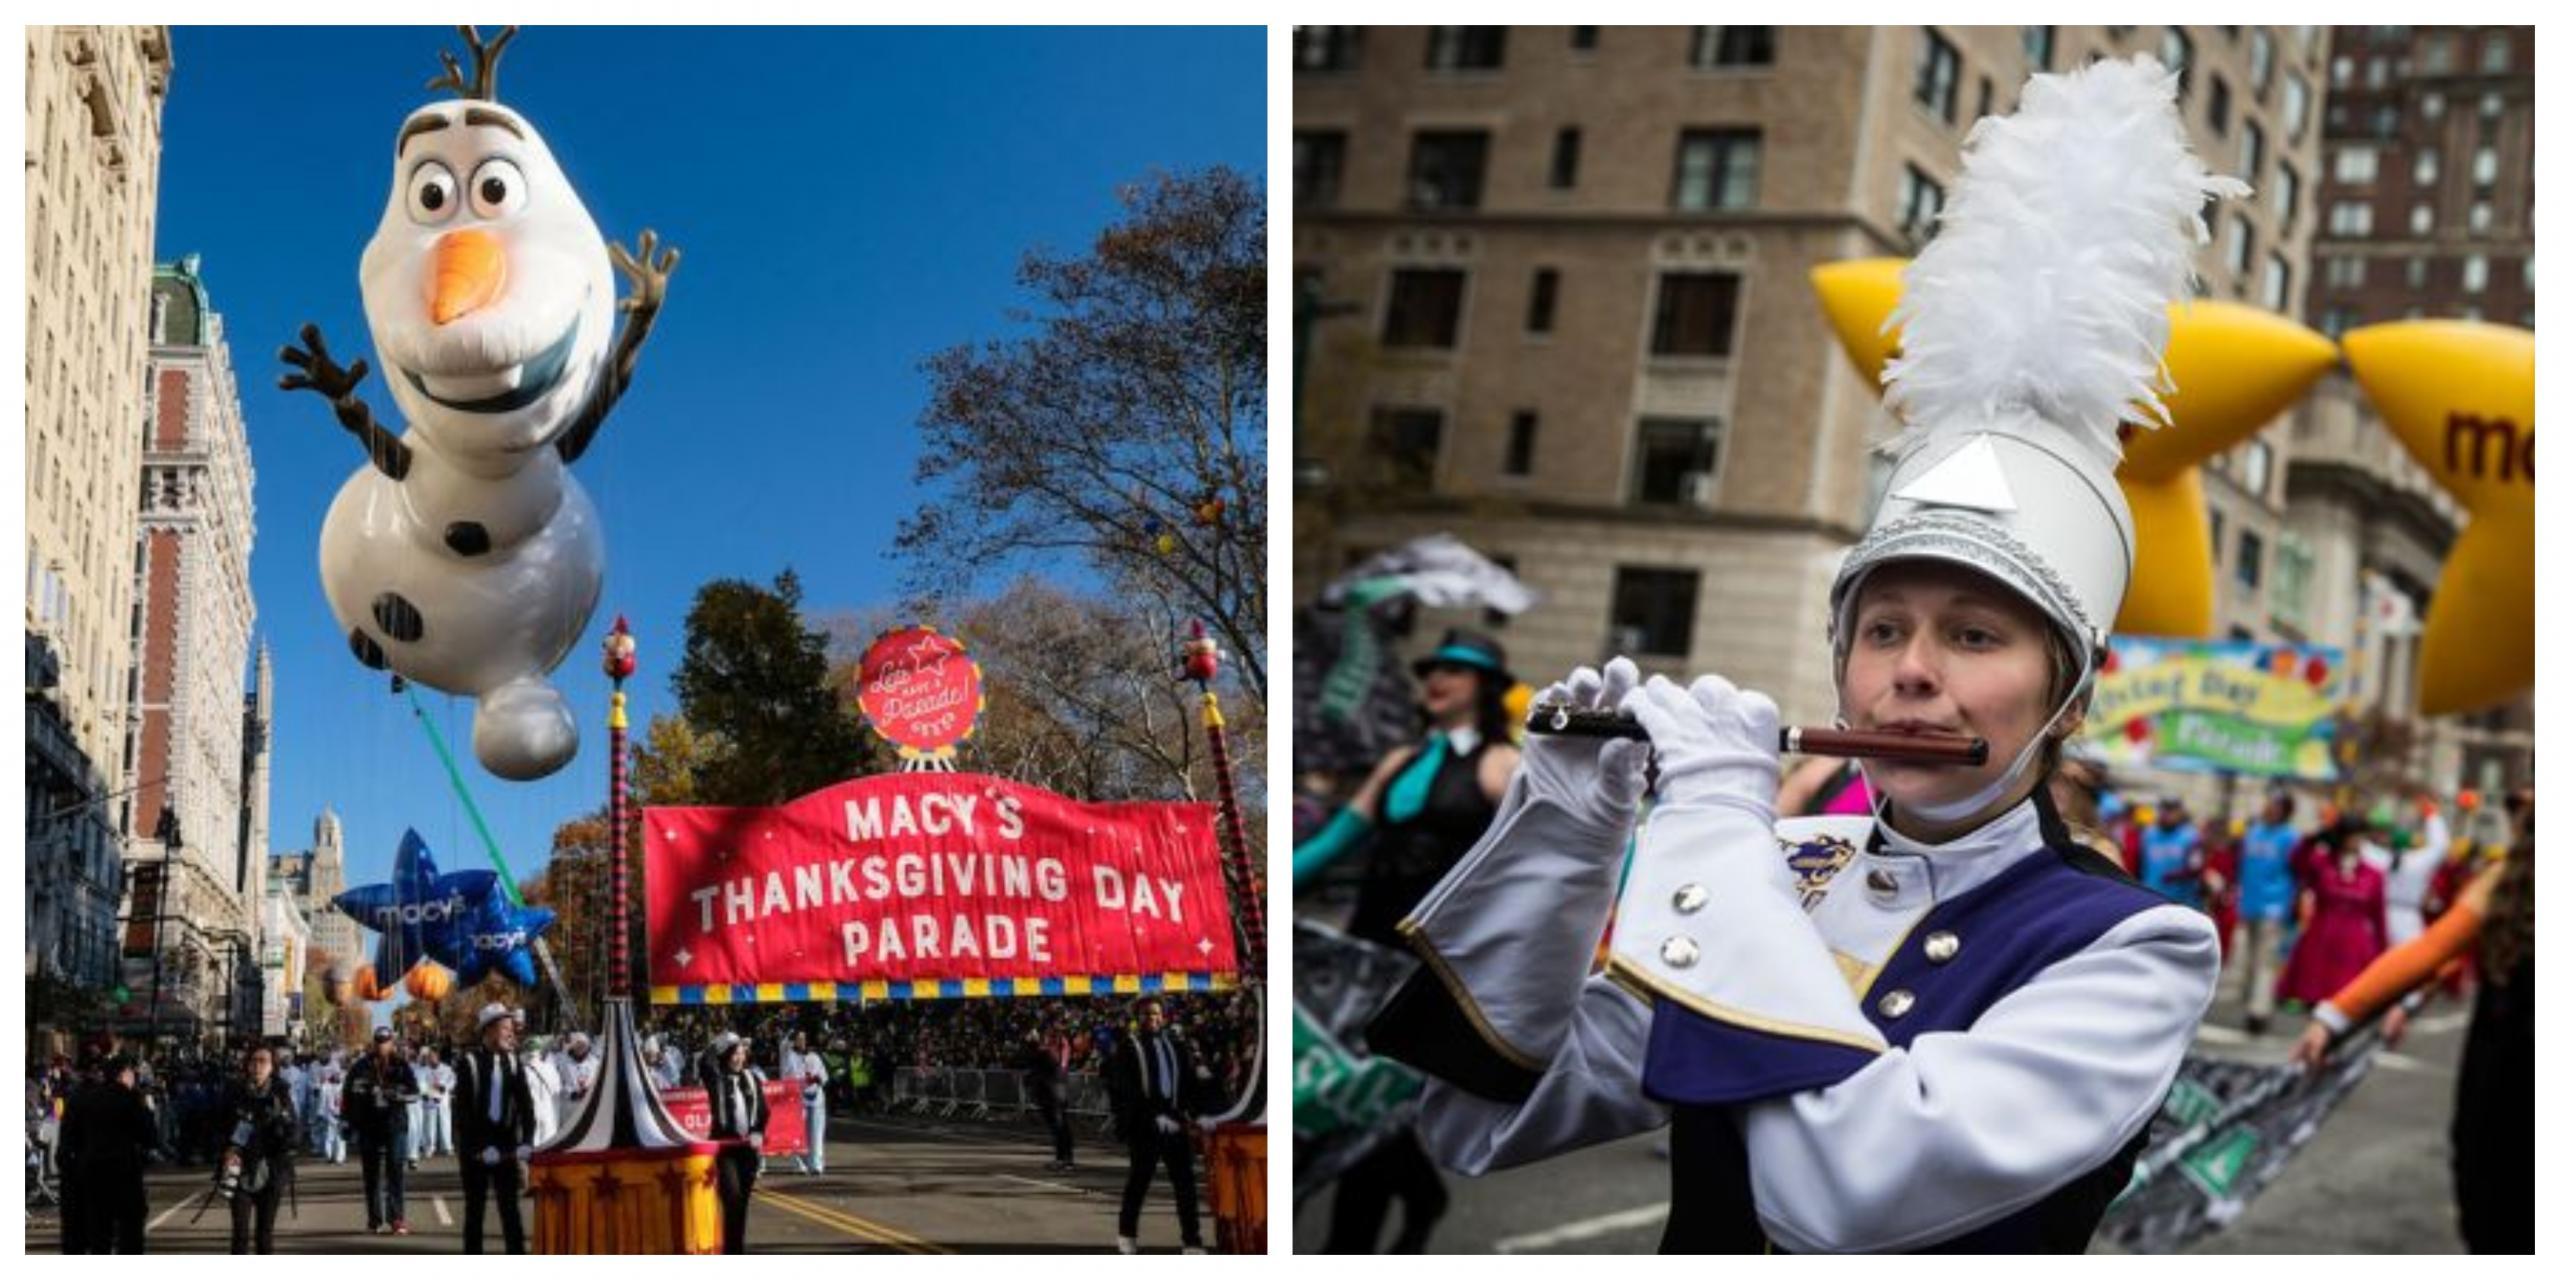 Parada, zahvalni dan Vir: Pixell